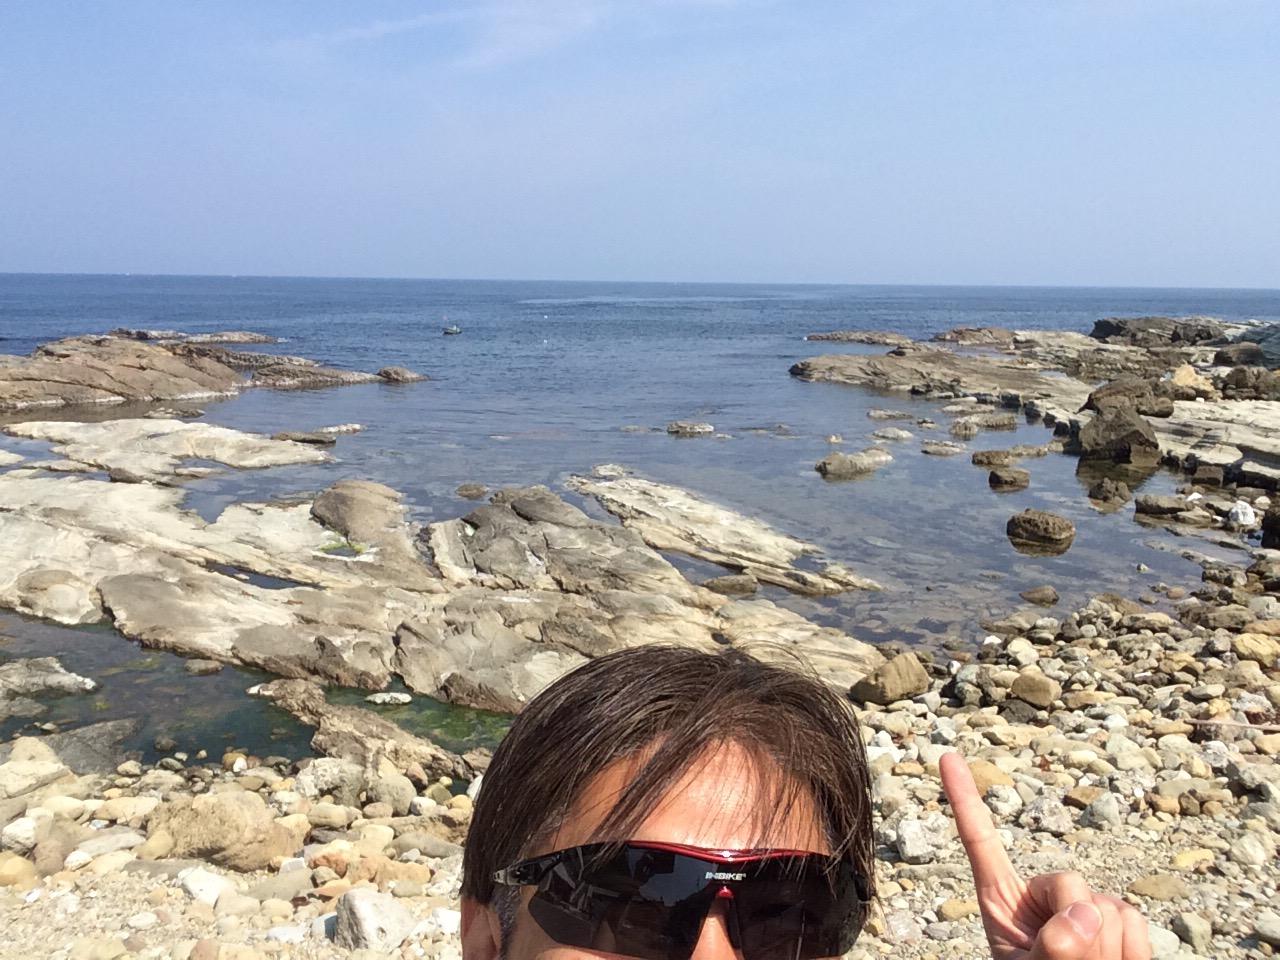 海に囲まれた国だから…海、楽しんでますか?